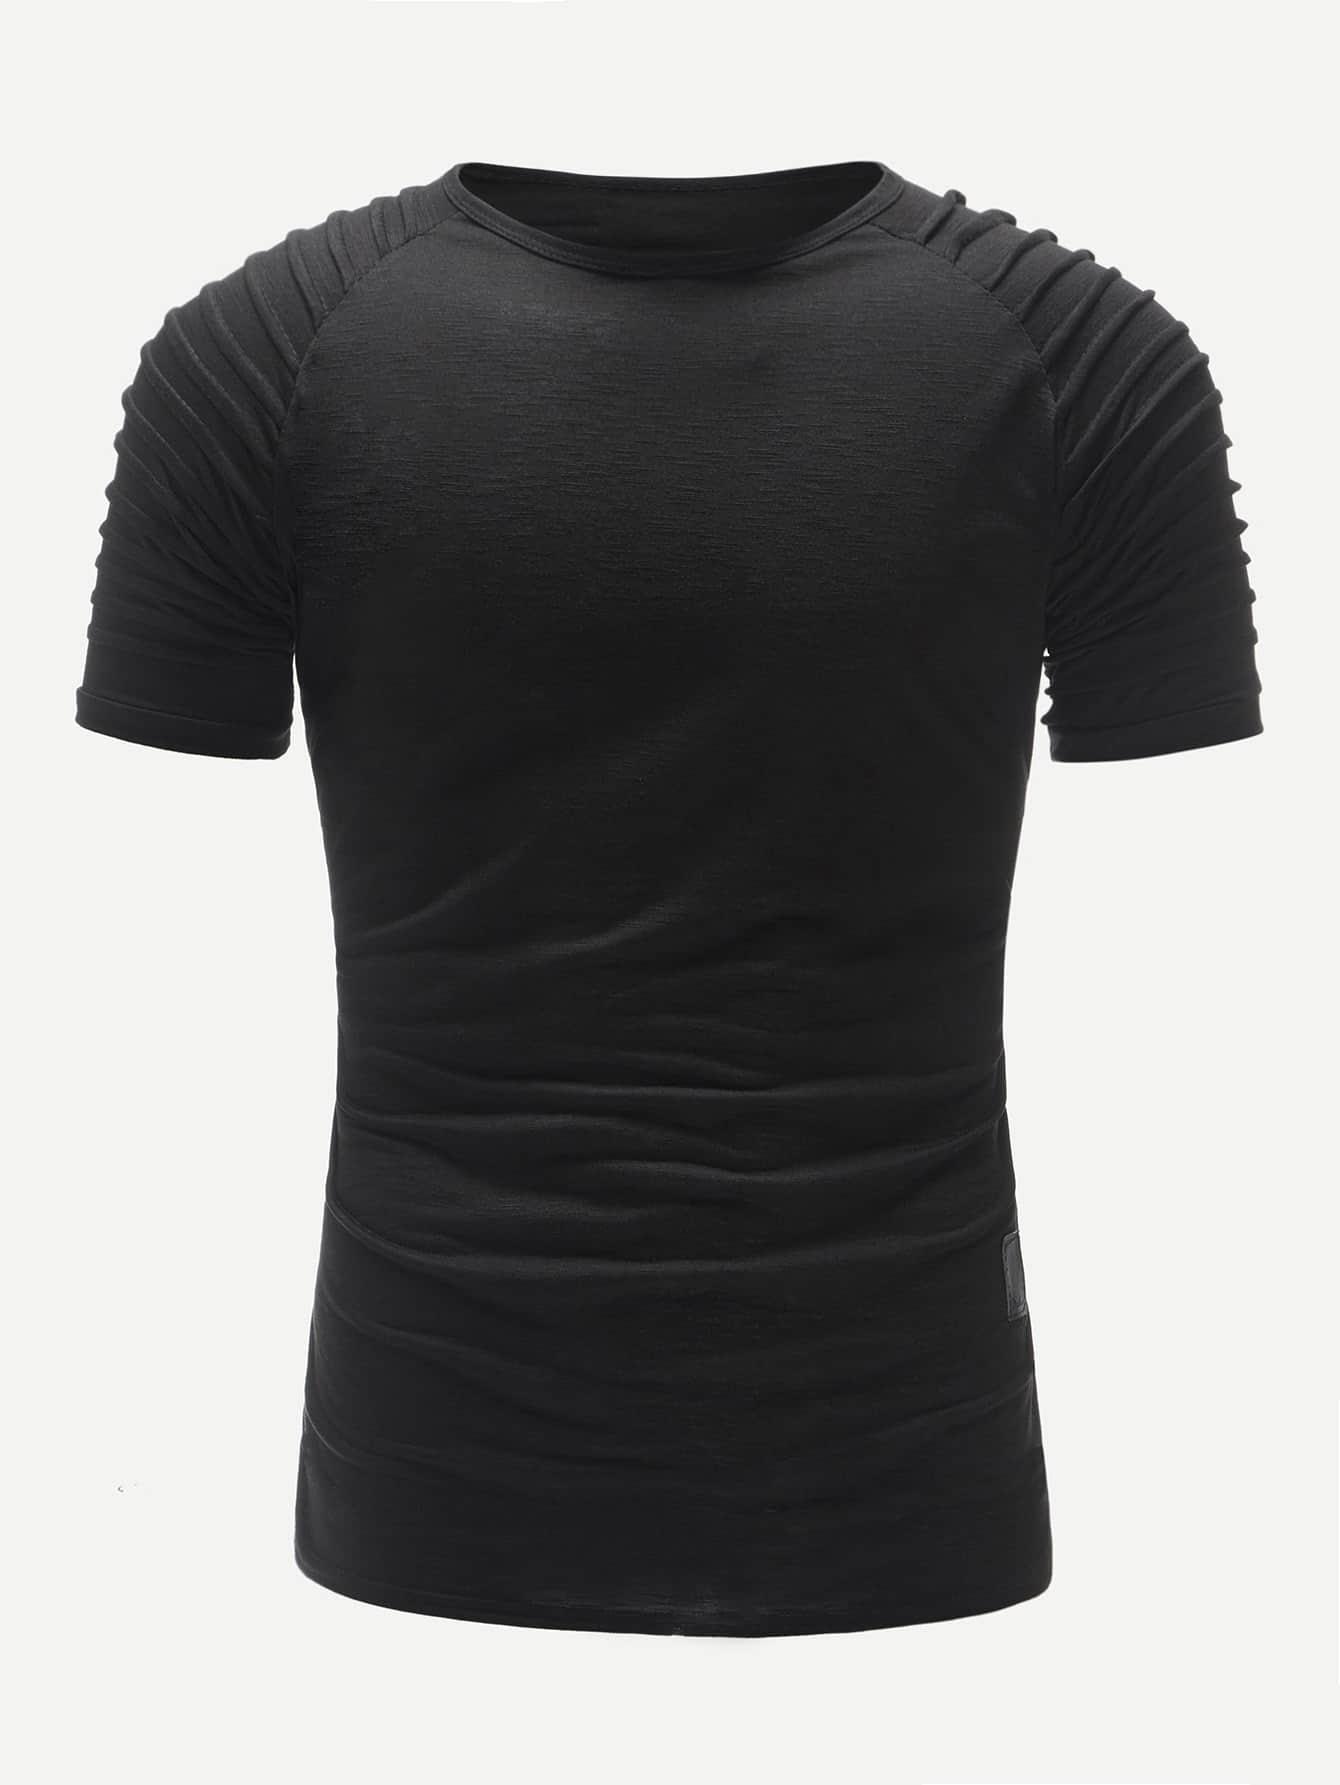 Купить Мужская однотонная футболка с рукавом-регланом, null, SheIn